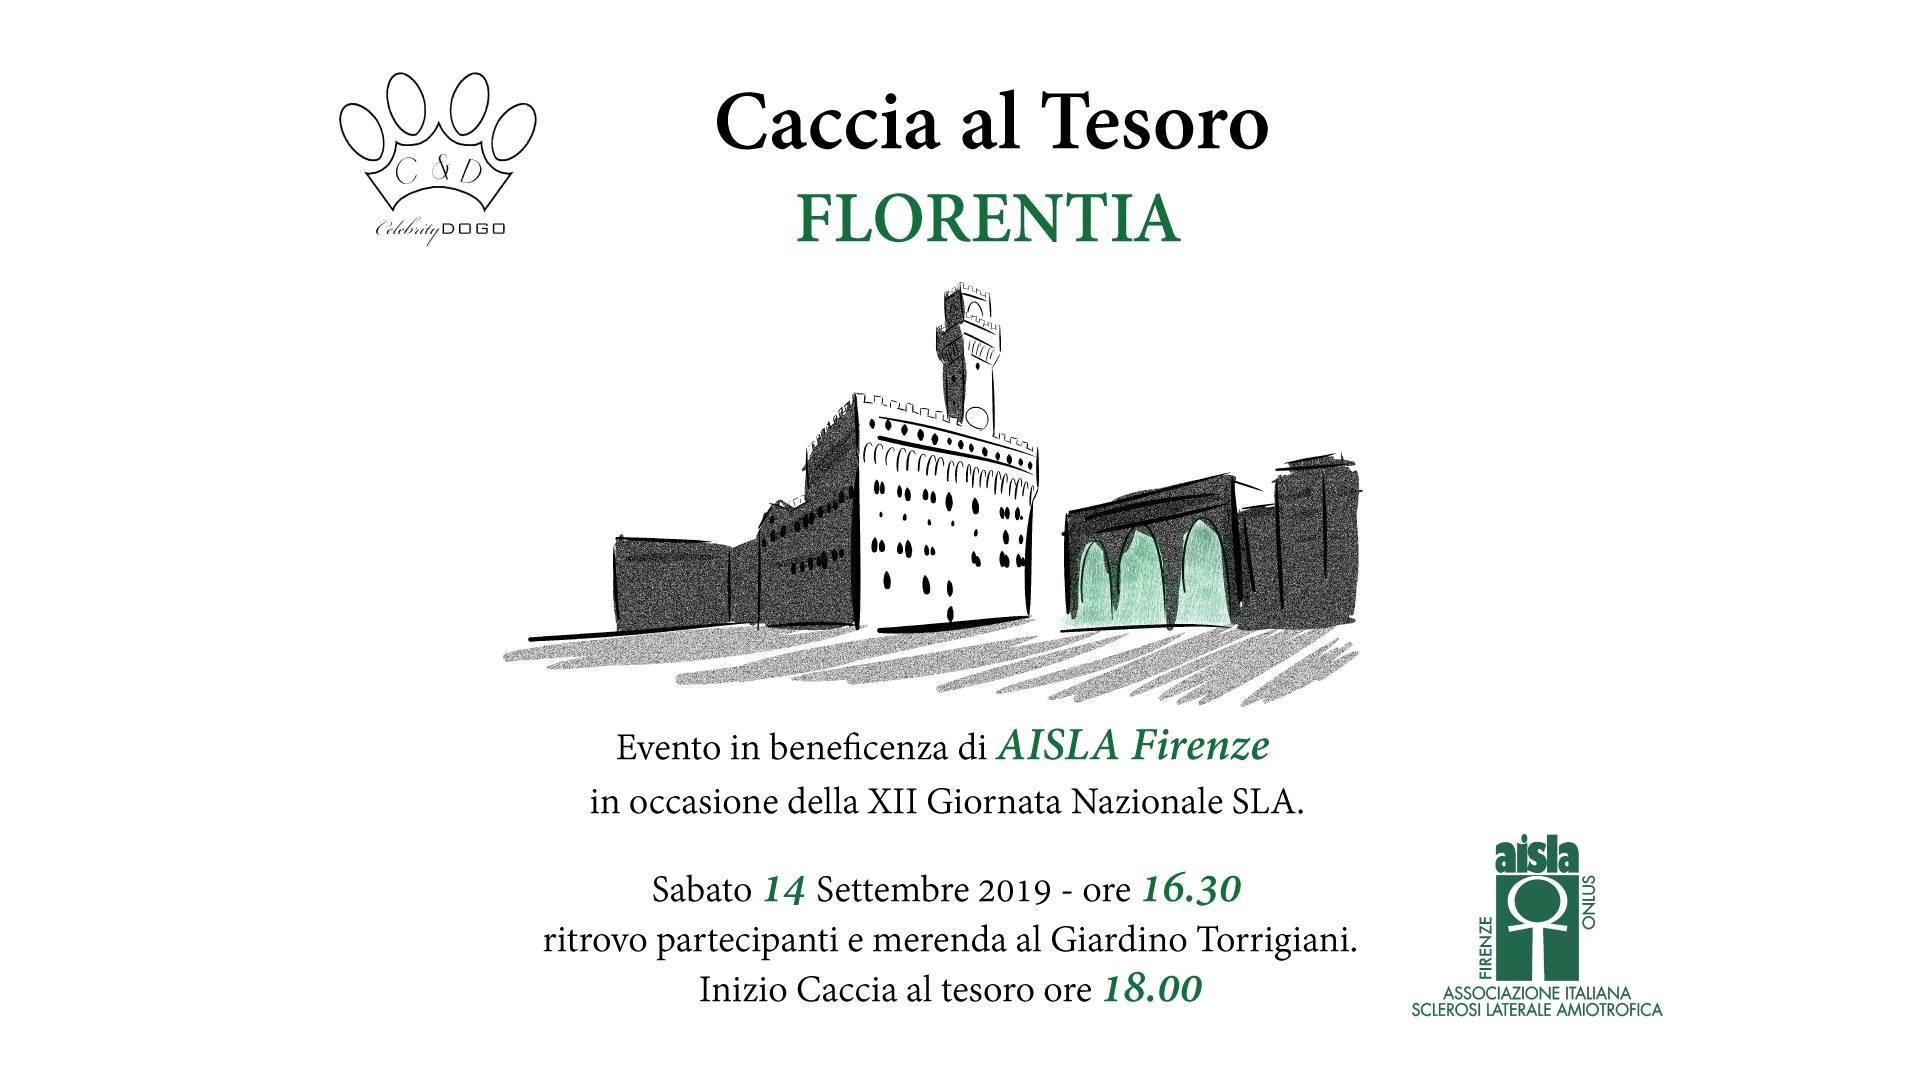 Florentia - Caccia al Tesoro